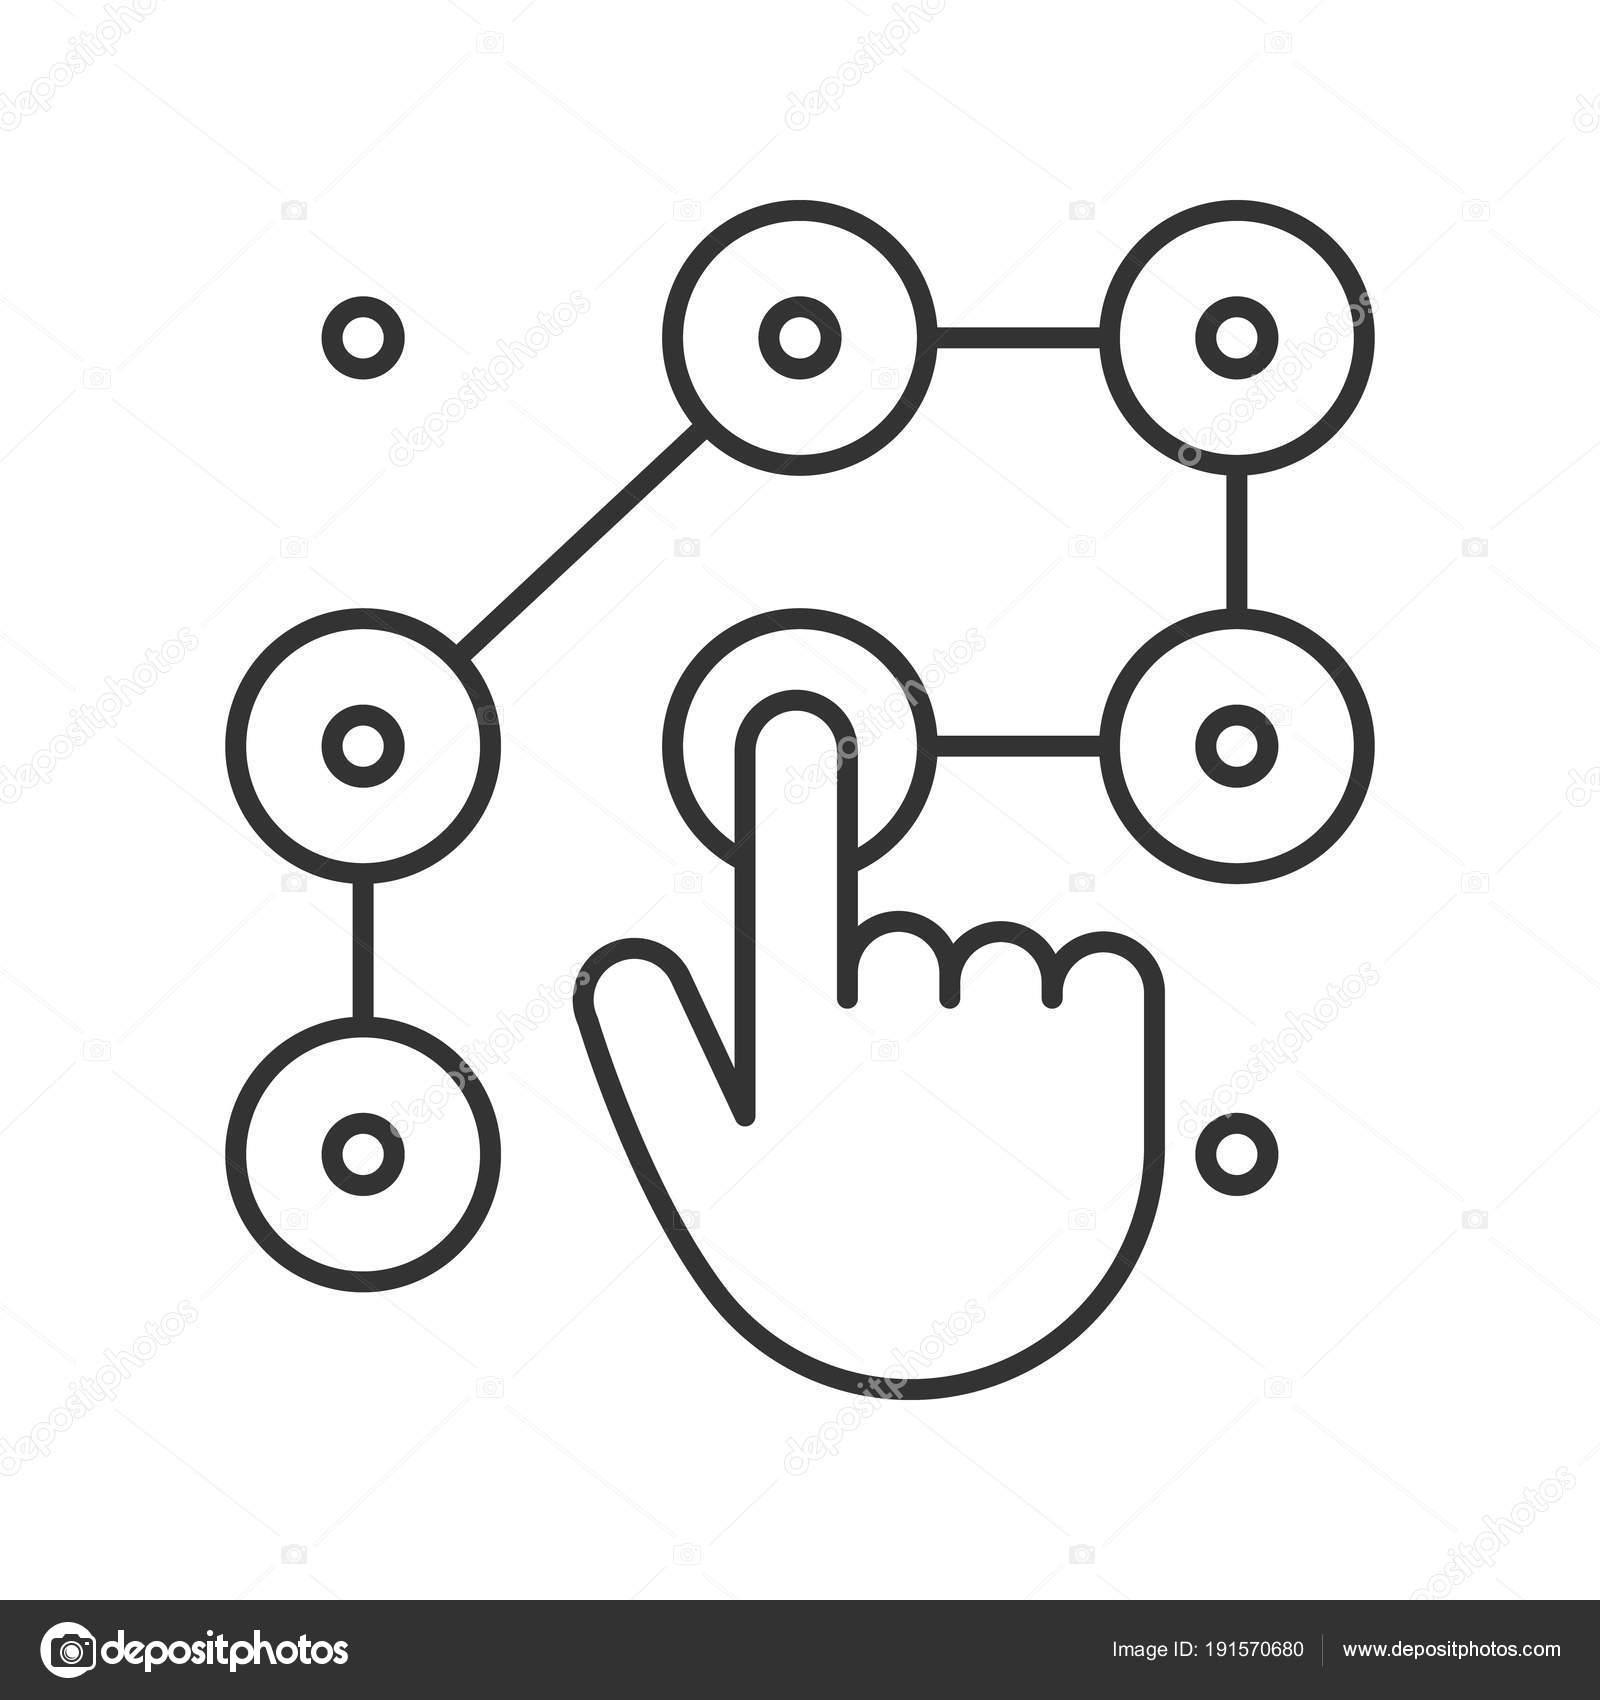 muster linear schlosssymbol dnne linie abbildung hand eingeben smartphone passwort stockvektor - Muster Passwort